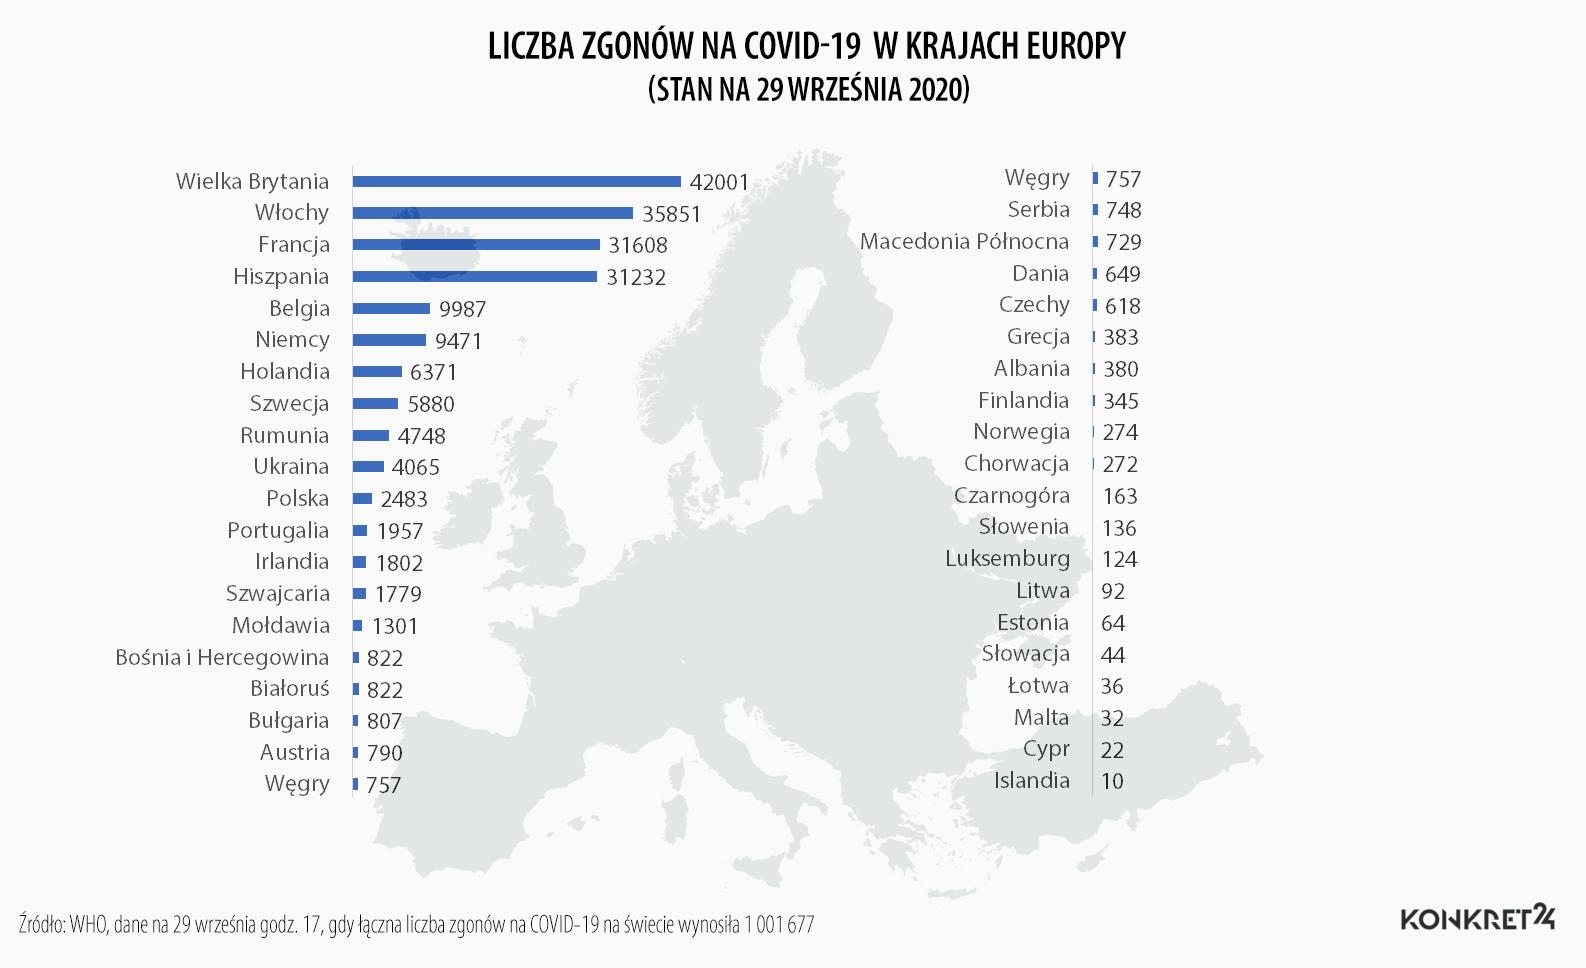 Liczba zgonów na COVID-19 w krajach Europy (stan na 29 września 2020)